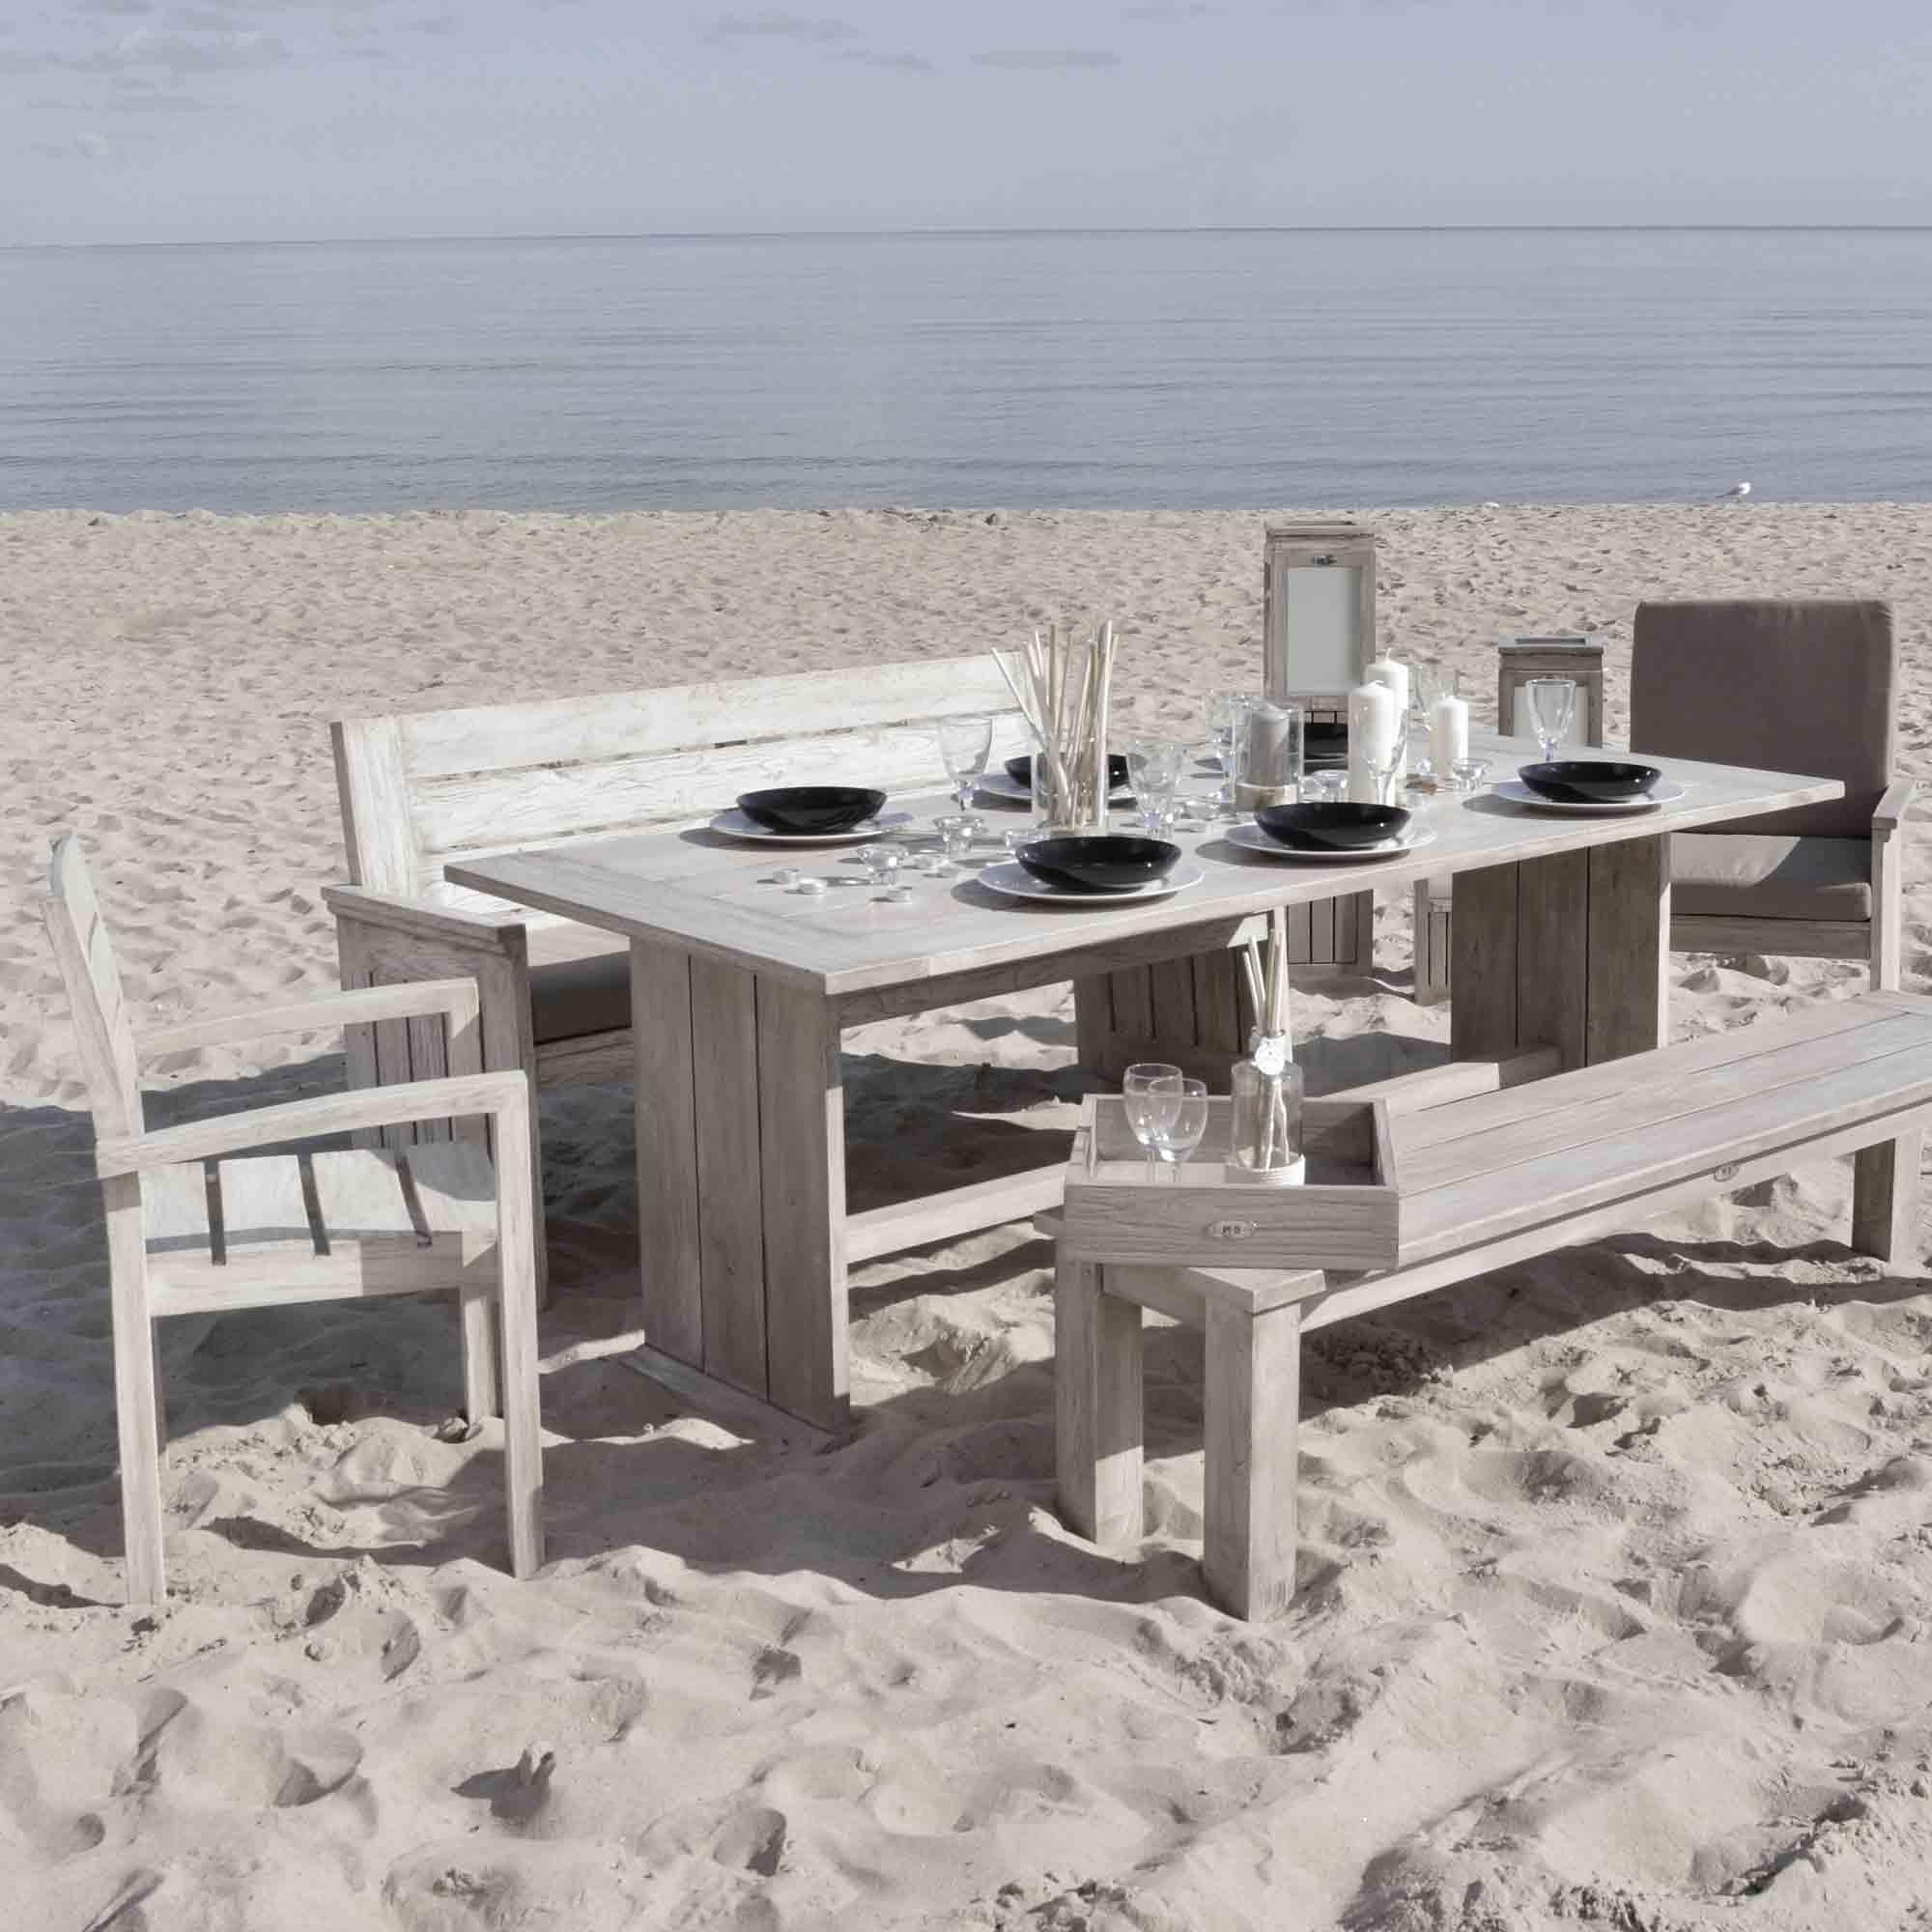 Gartenmöbel aus Holz für den Nordic Style – HolzLand Verbeek